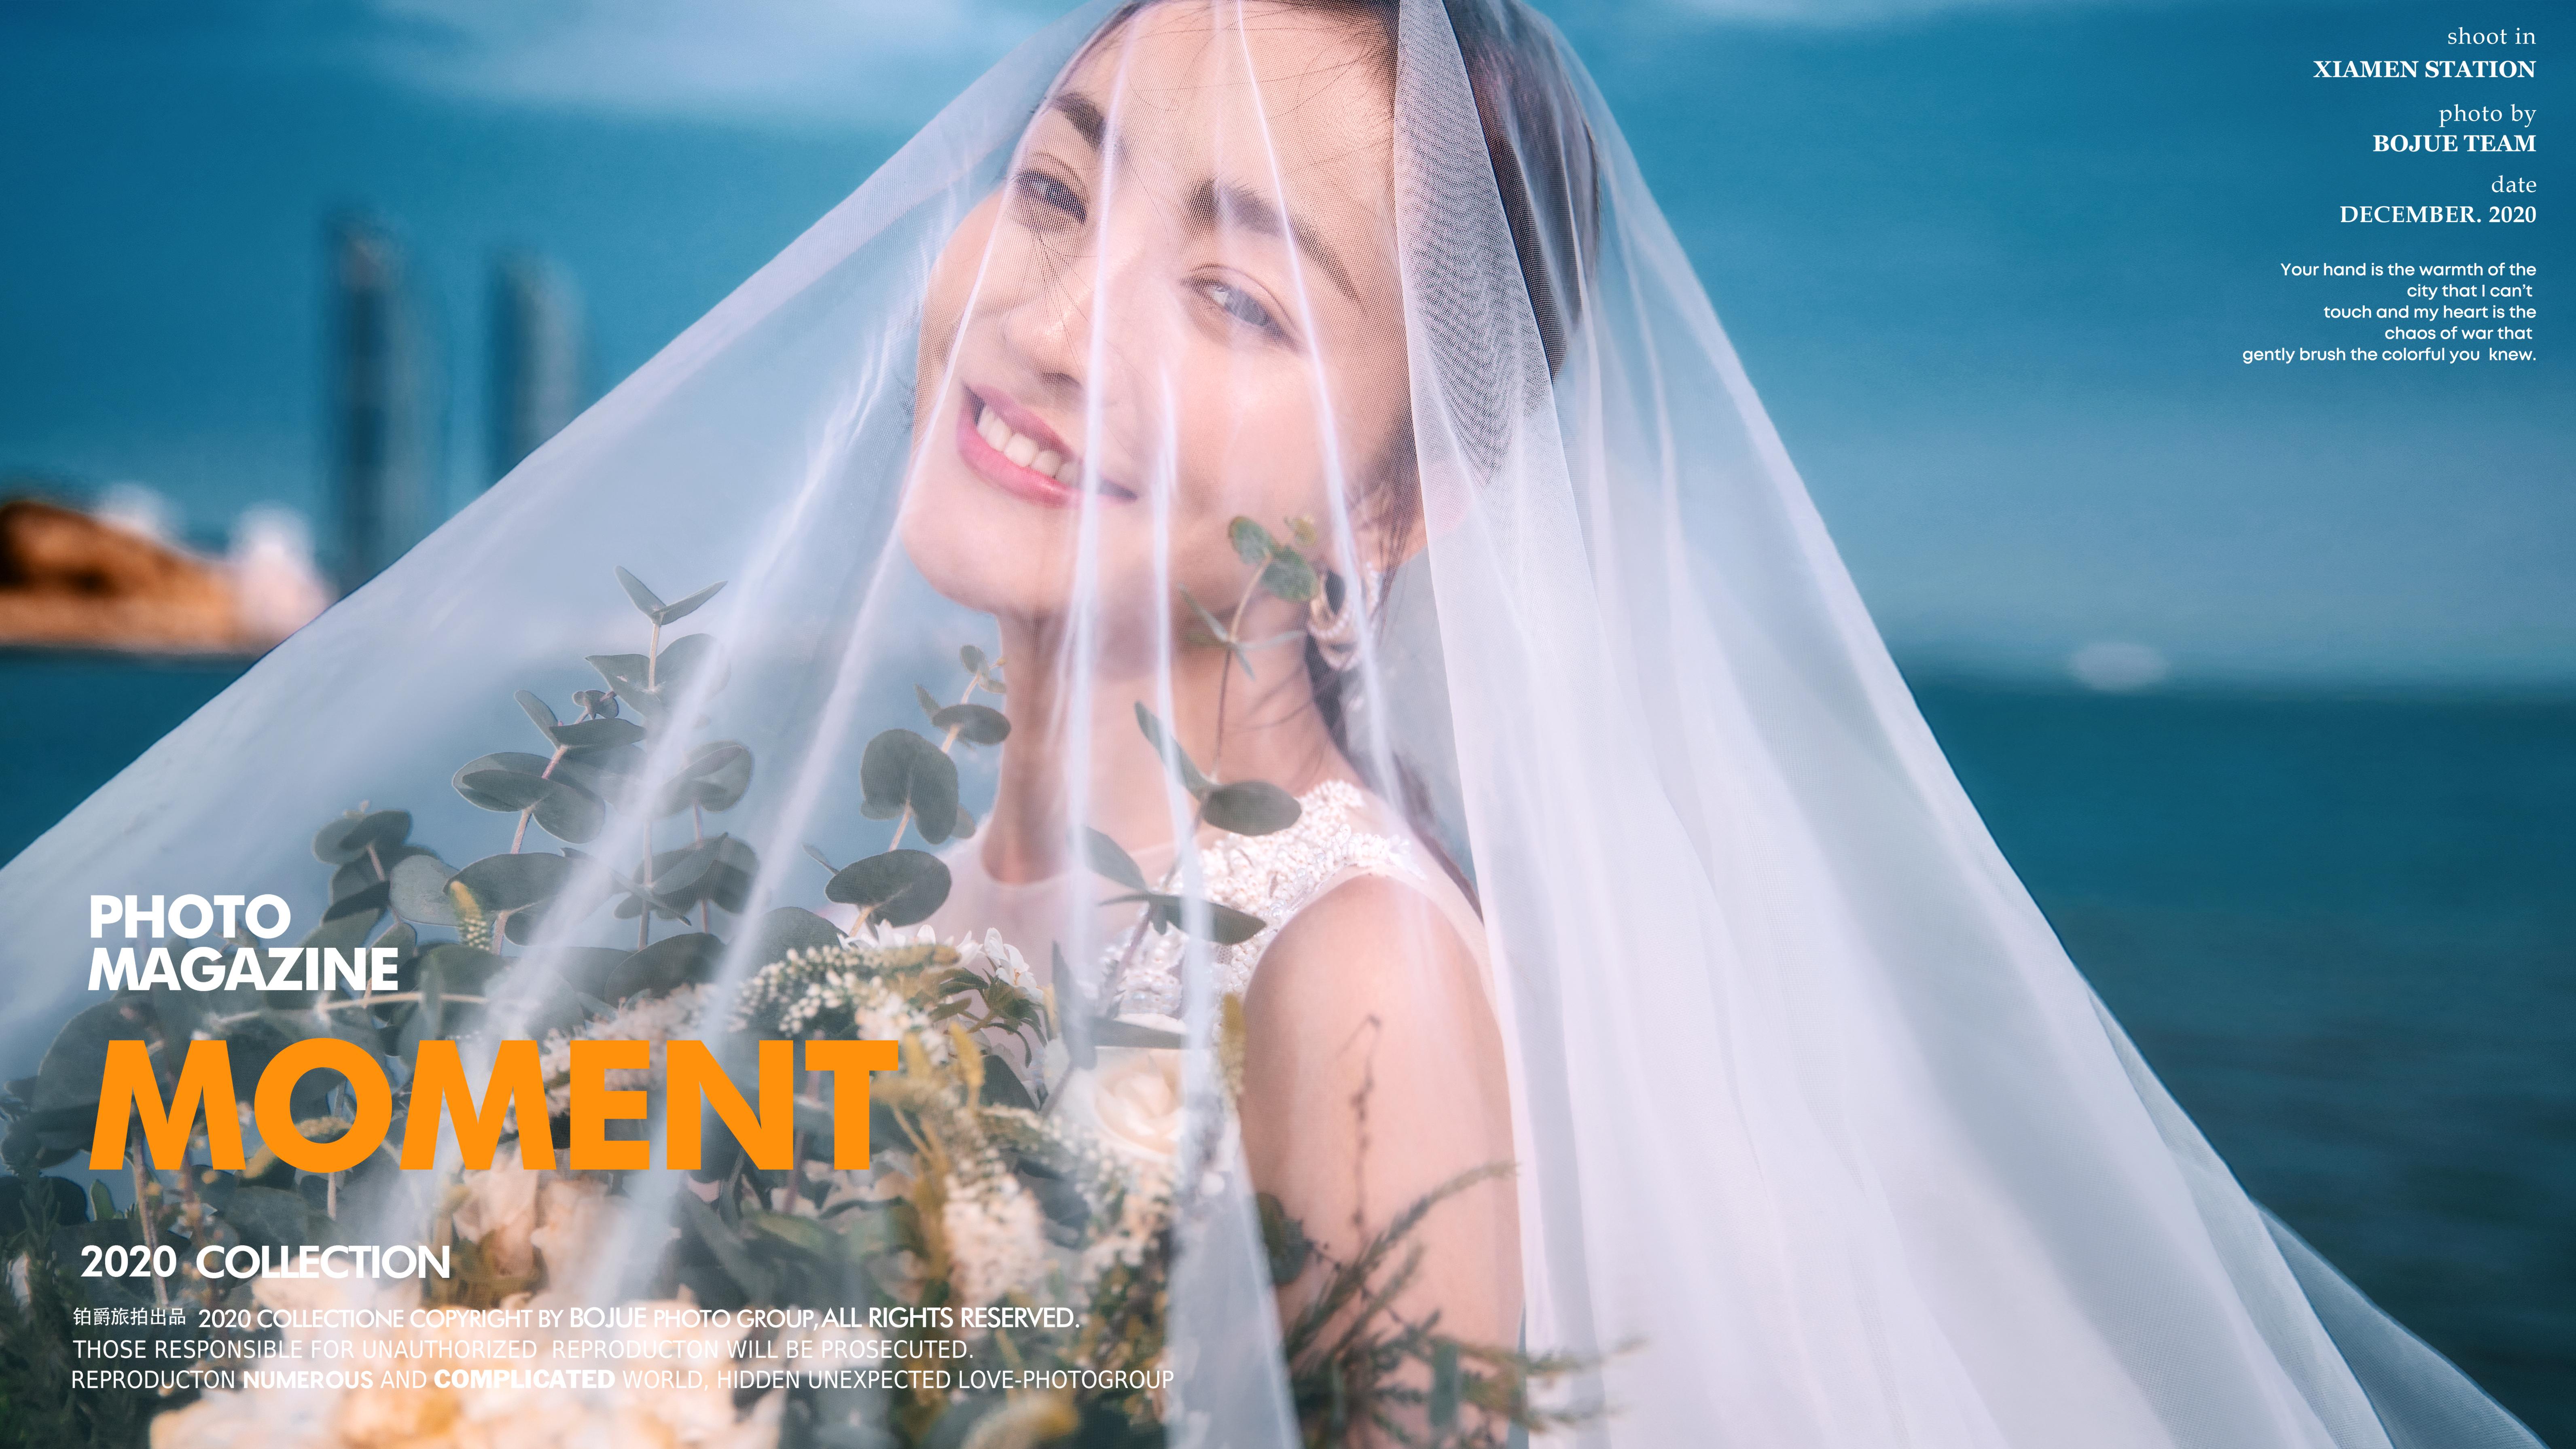 拍婚纱照如何用眼神传情 厦门婚纱照拍摄技巧分享 婚纱照怎么拍好看